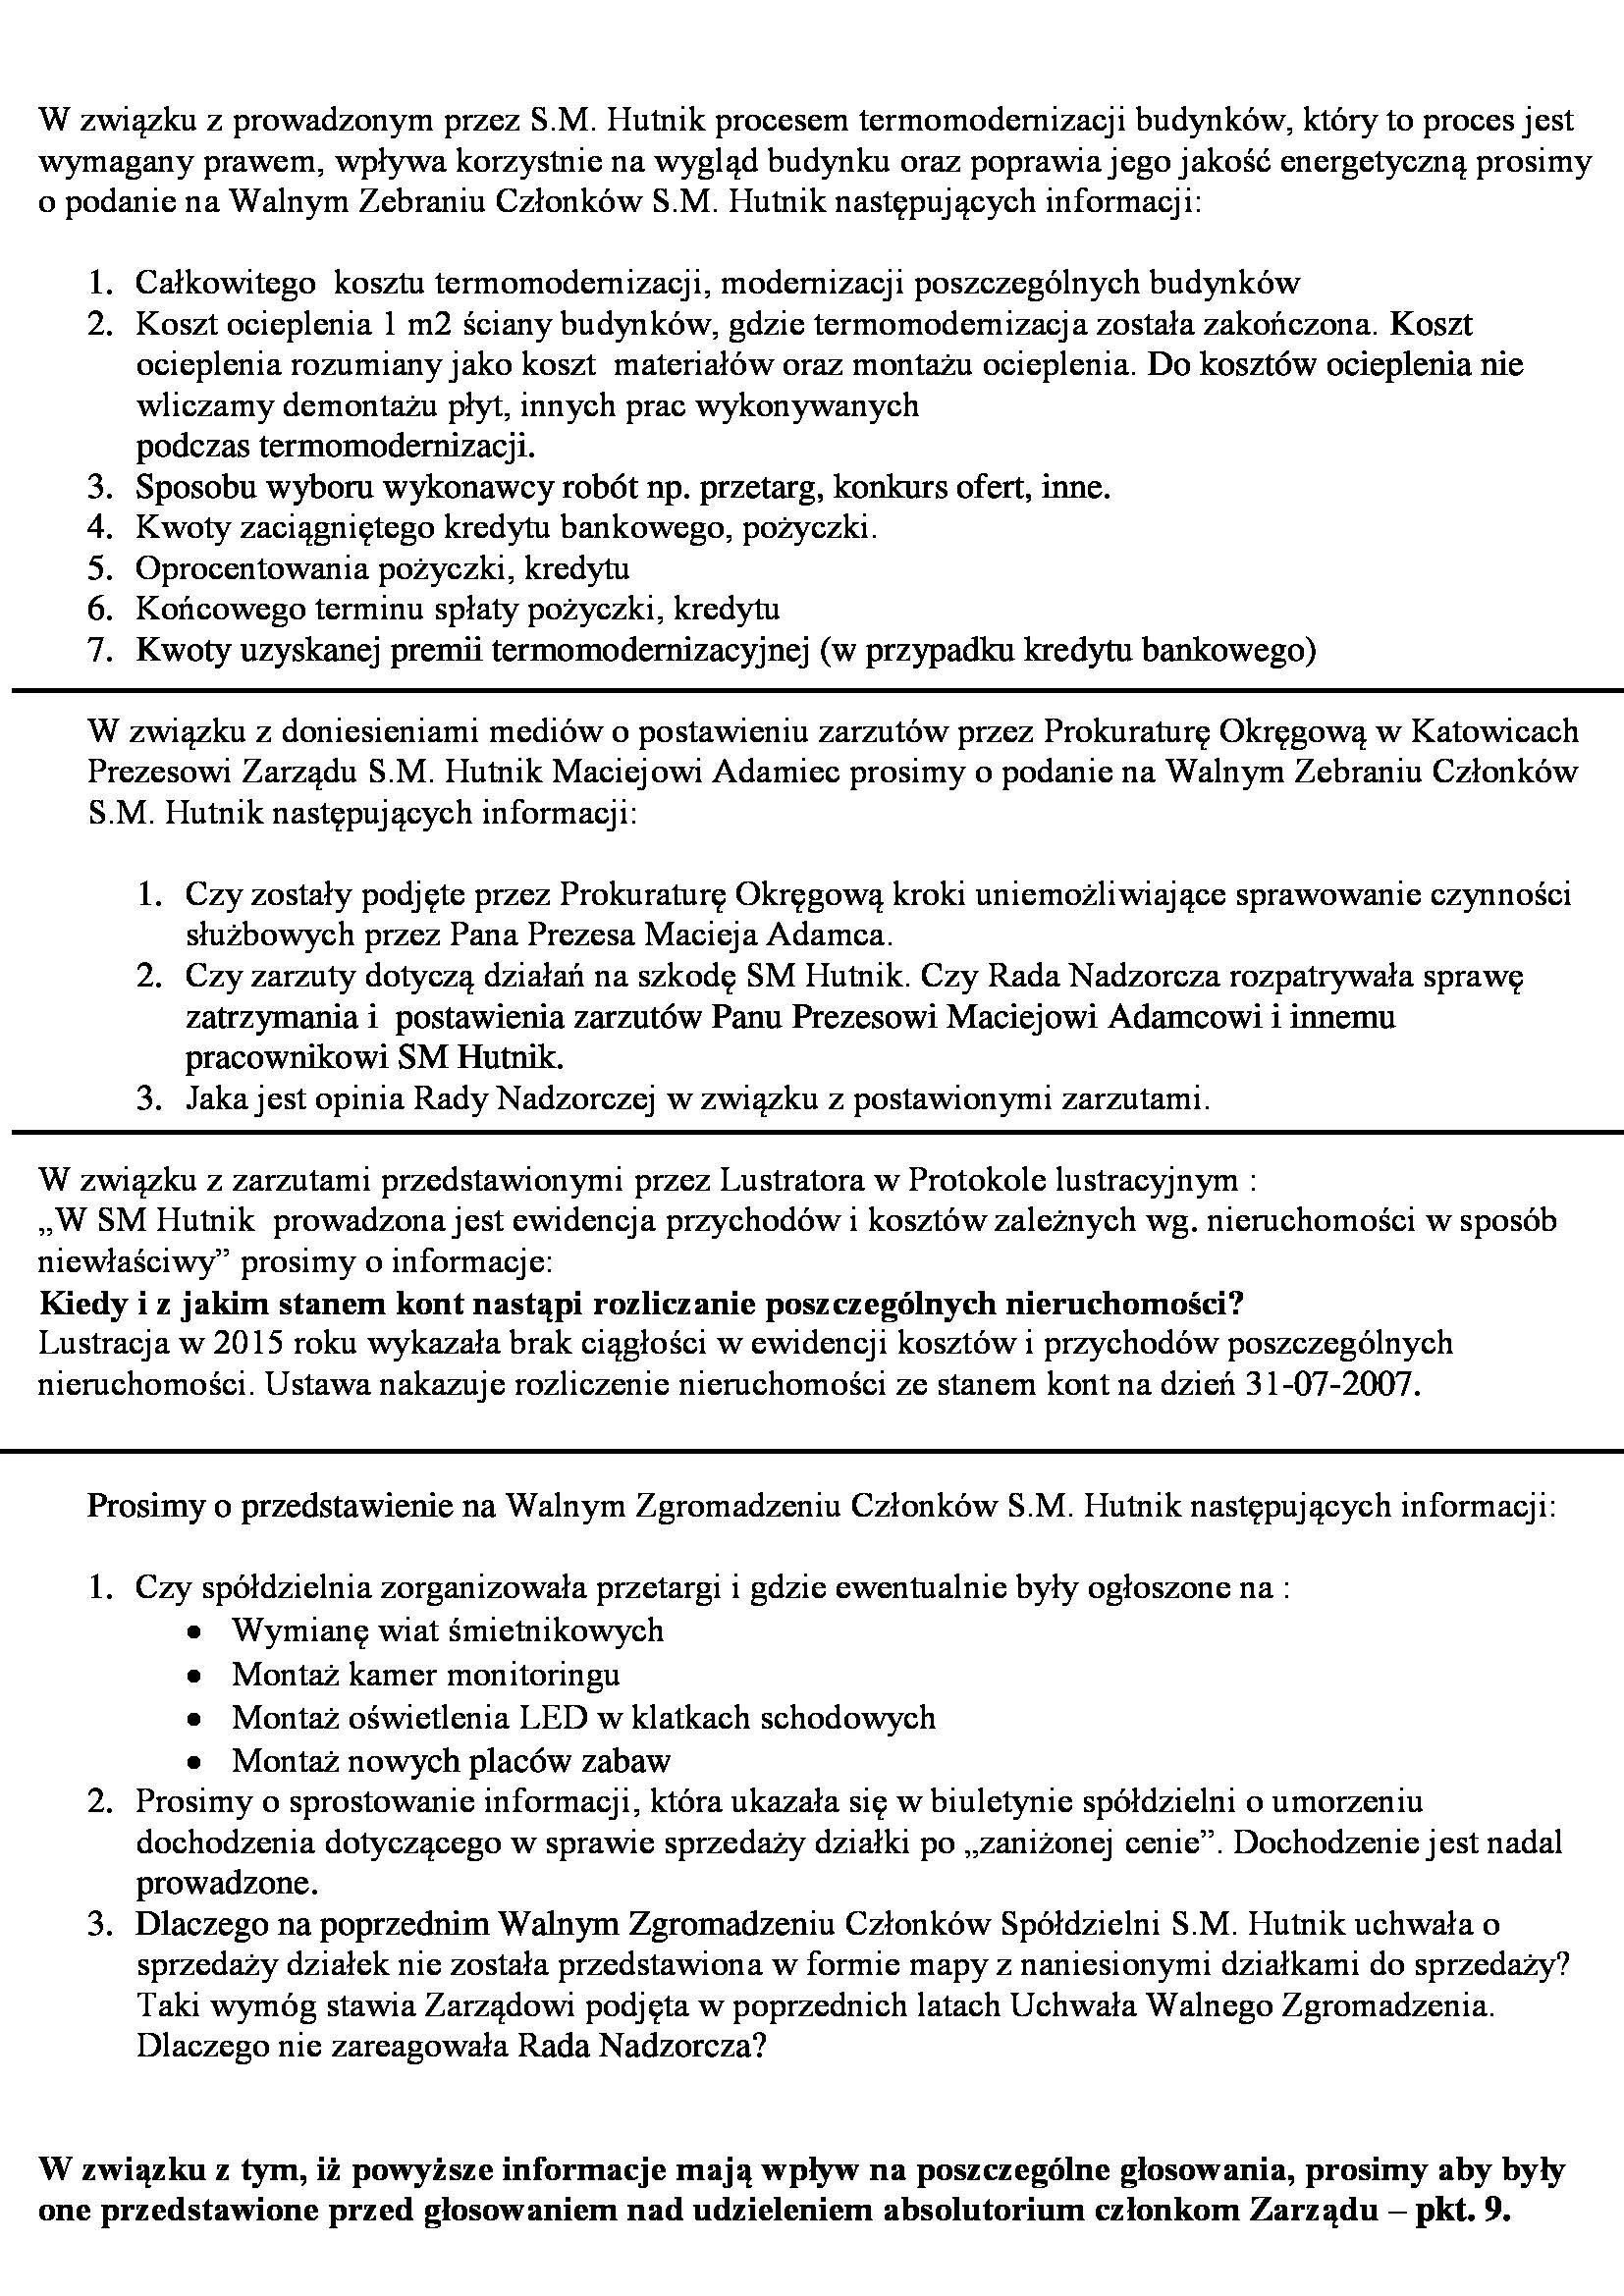 IX GC 82/13 - Wyrok Sądu Okręgowego w Lublinie